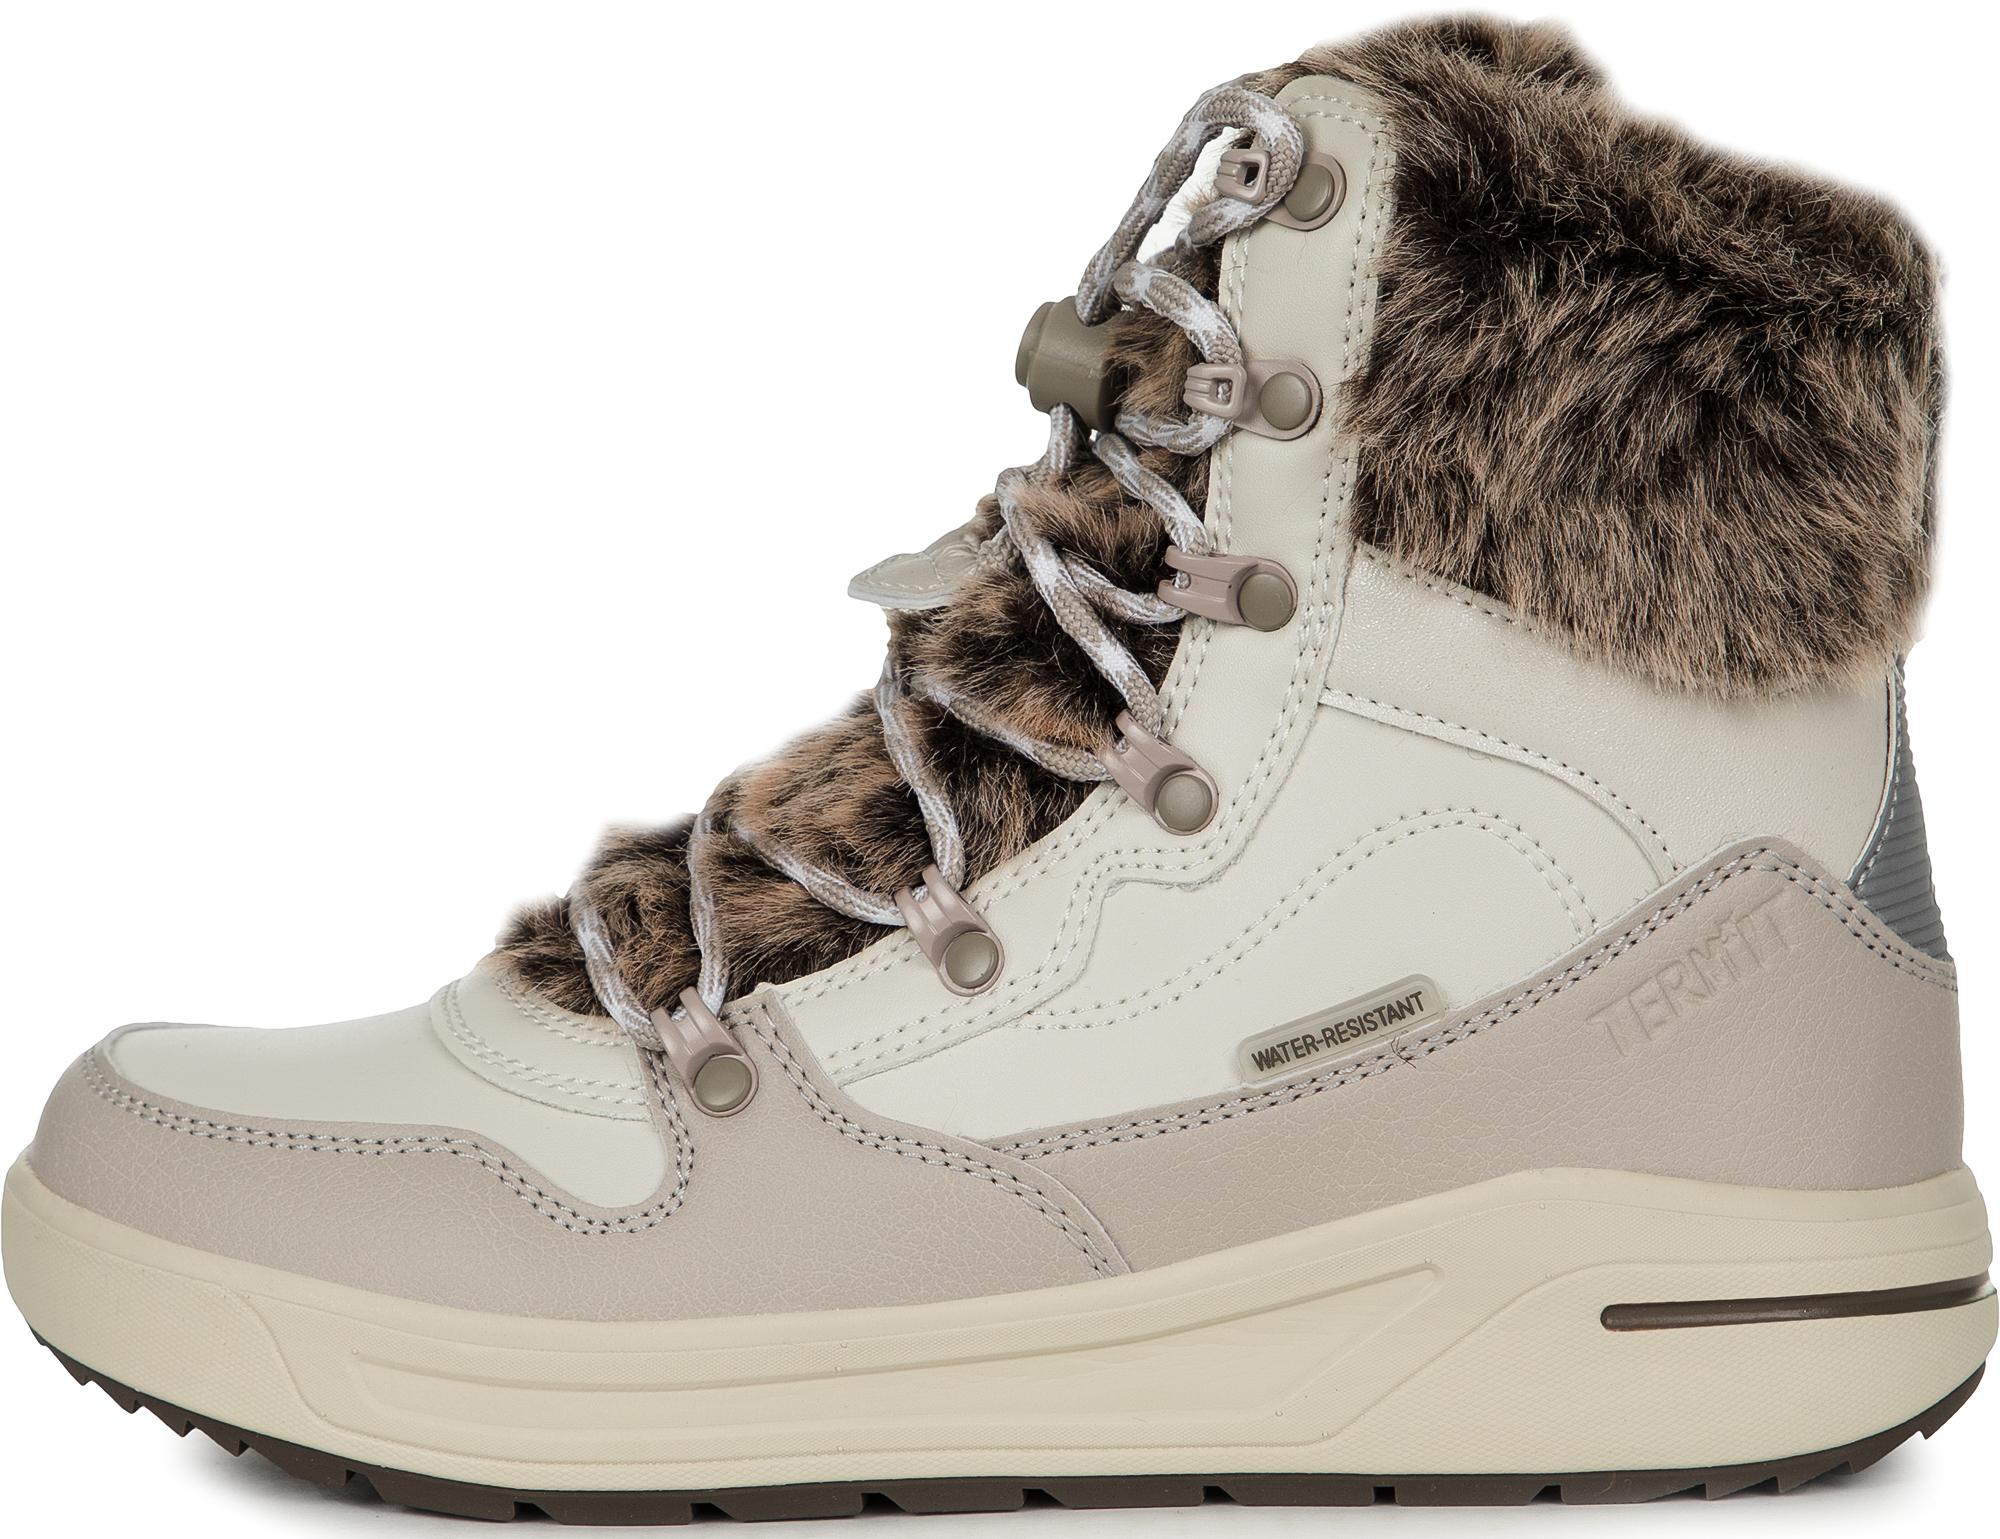 Termit Ботинки утепленные для девочек Wooly, размер 38